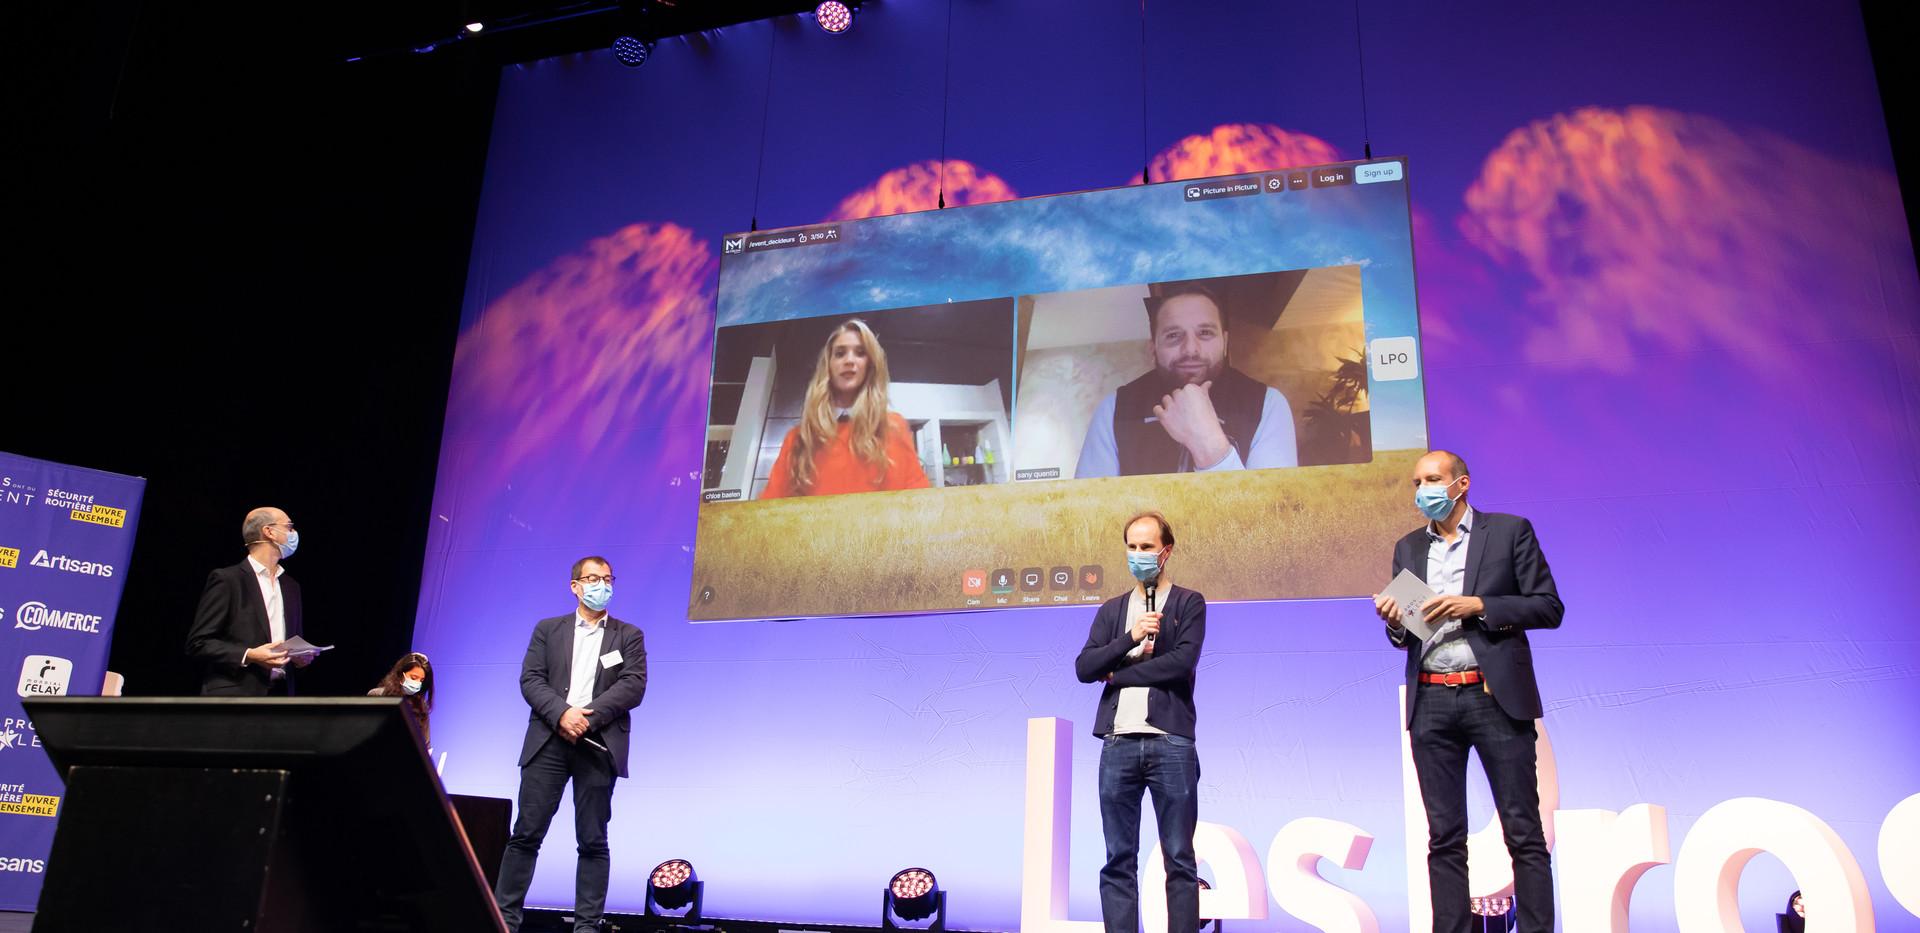 Smilzz_Les-Pros-ont-du-Talent_2020_00187